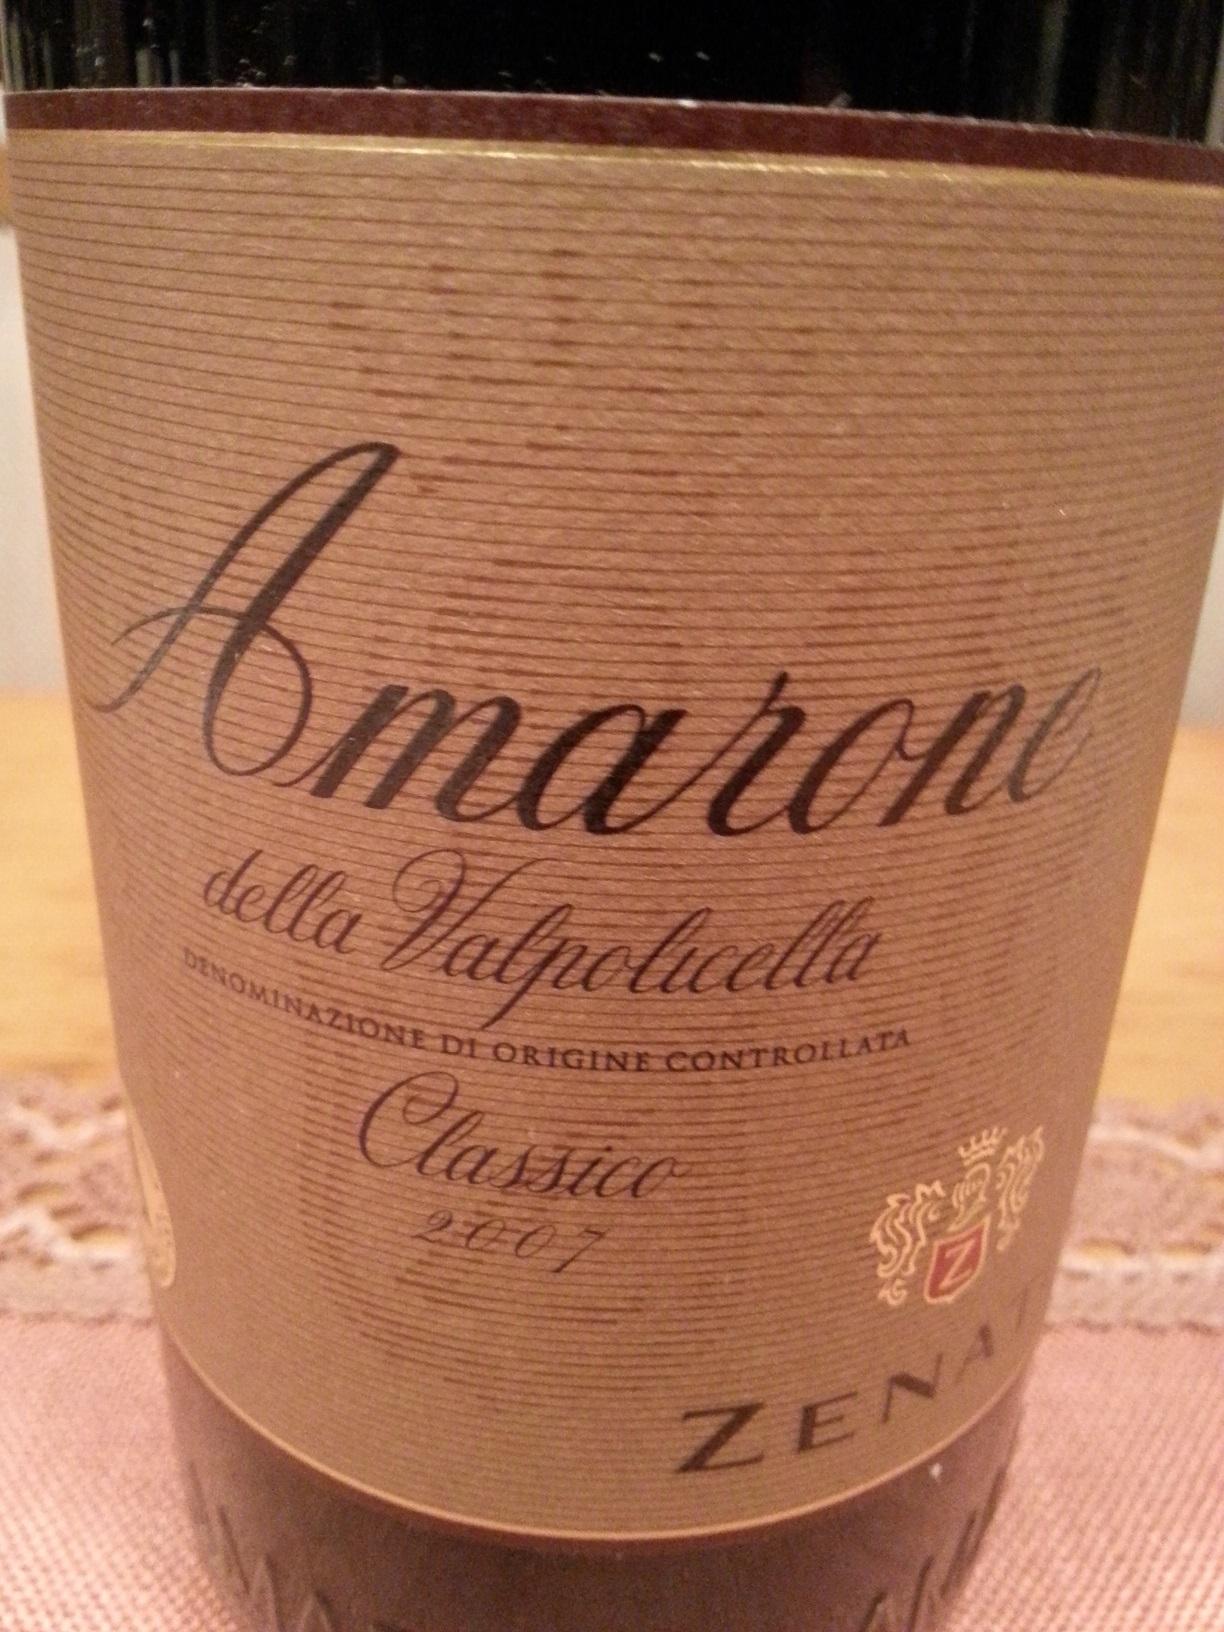 2007 Amarone Classico | Zenato